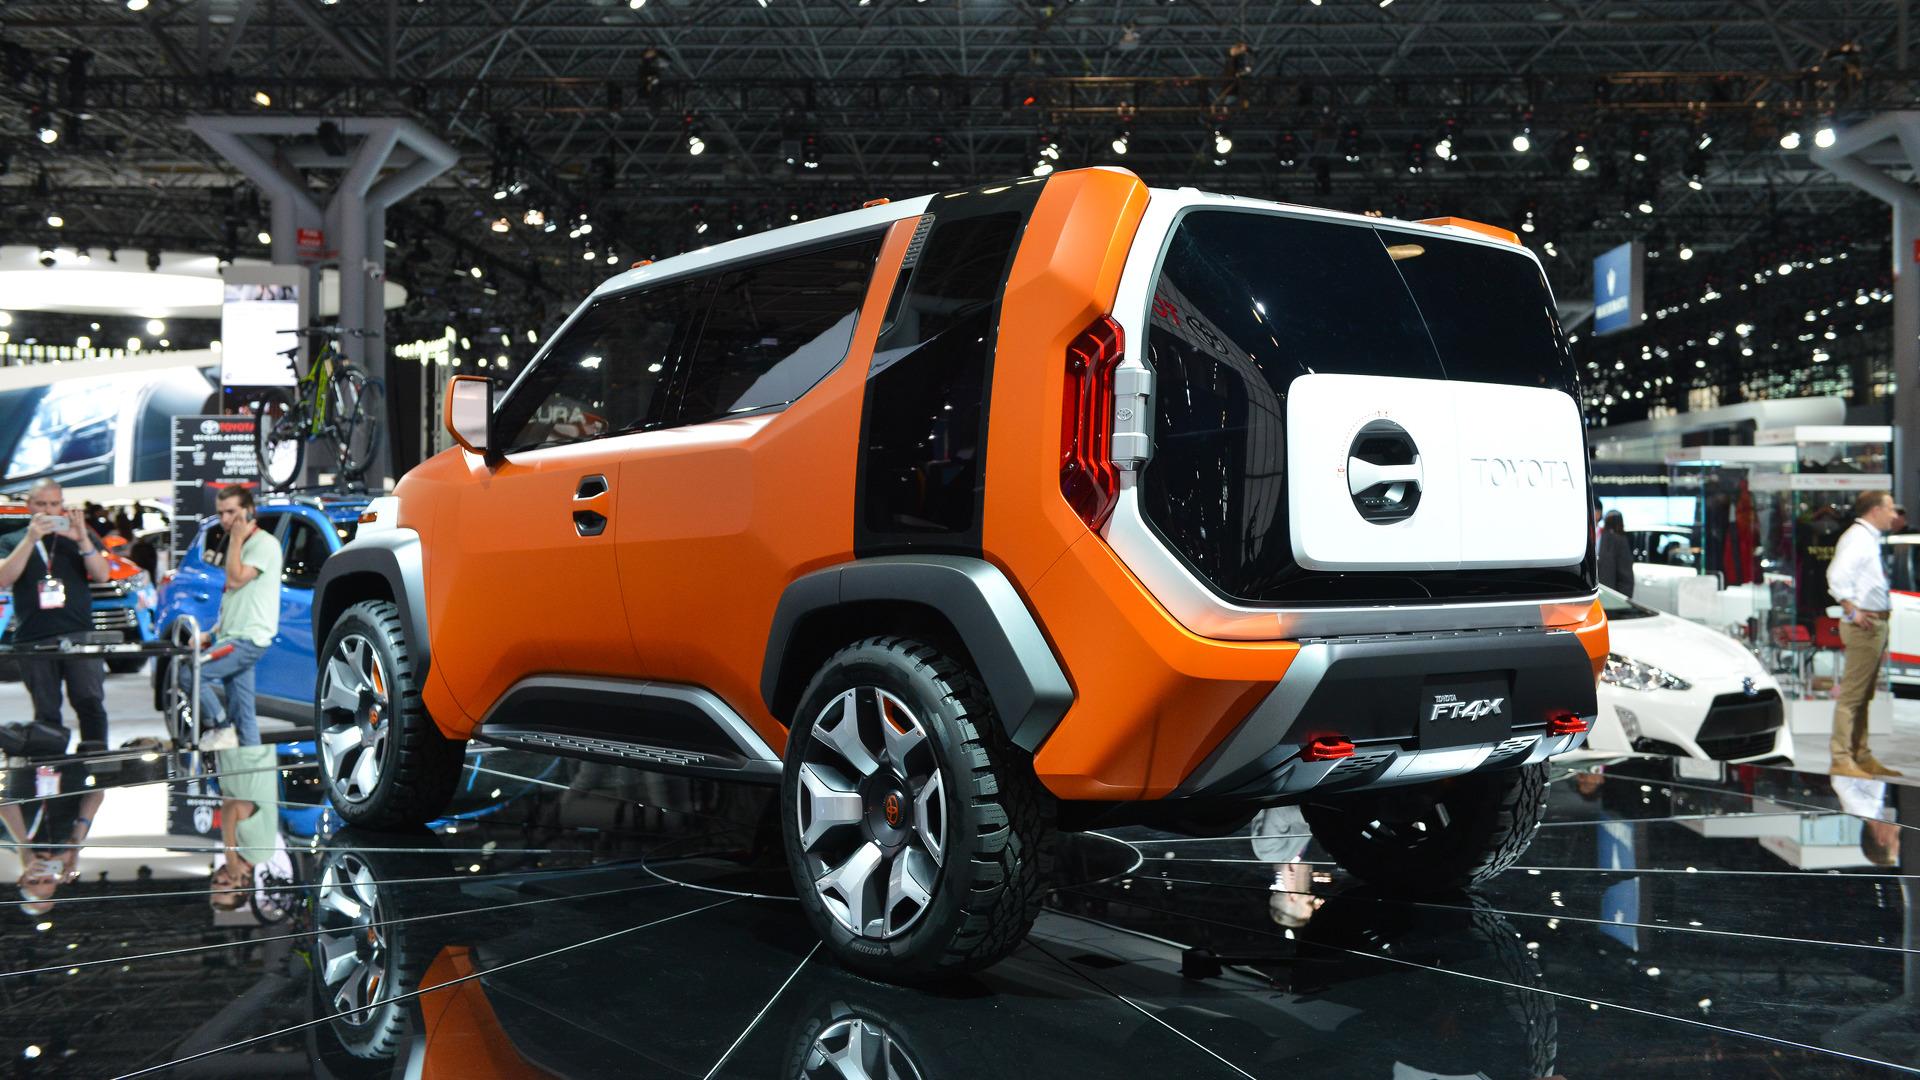 جایگزینی برای افجی کروز/ تویوتا به جای کرولا یک SUV خواهد ساخت